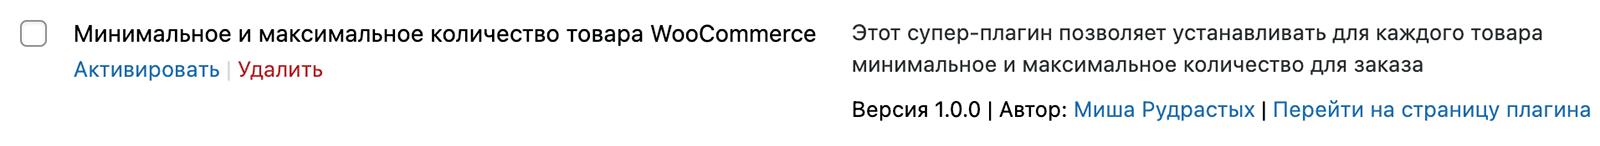 WooCommerce плагин для минимального и максимального количества товара